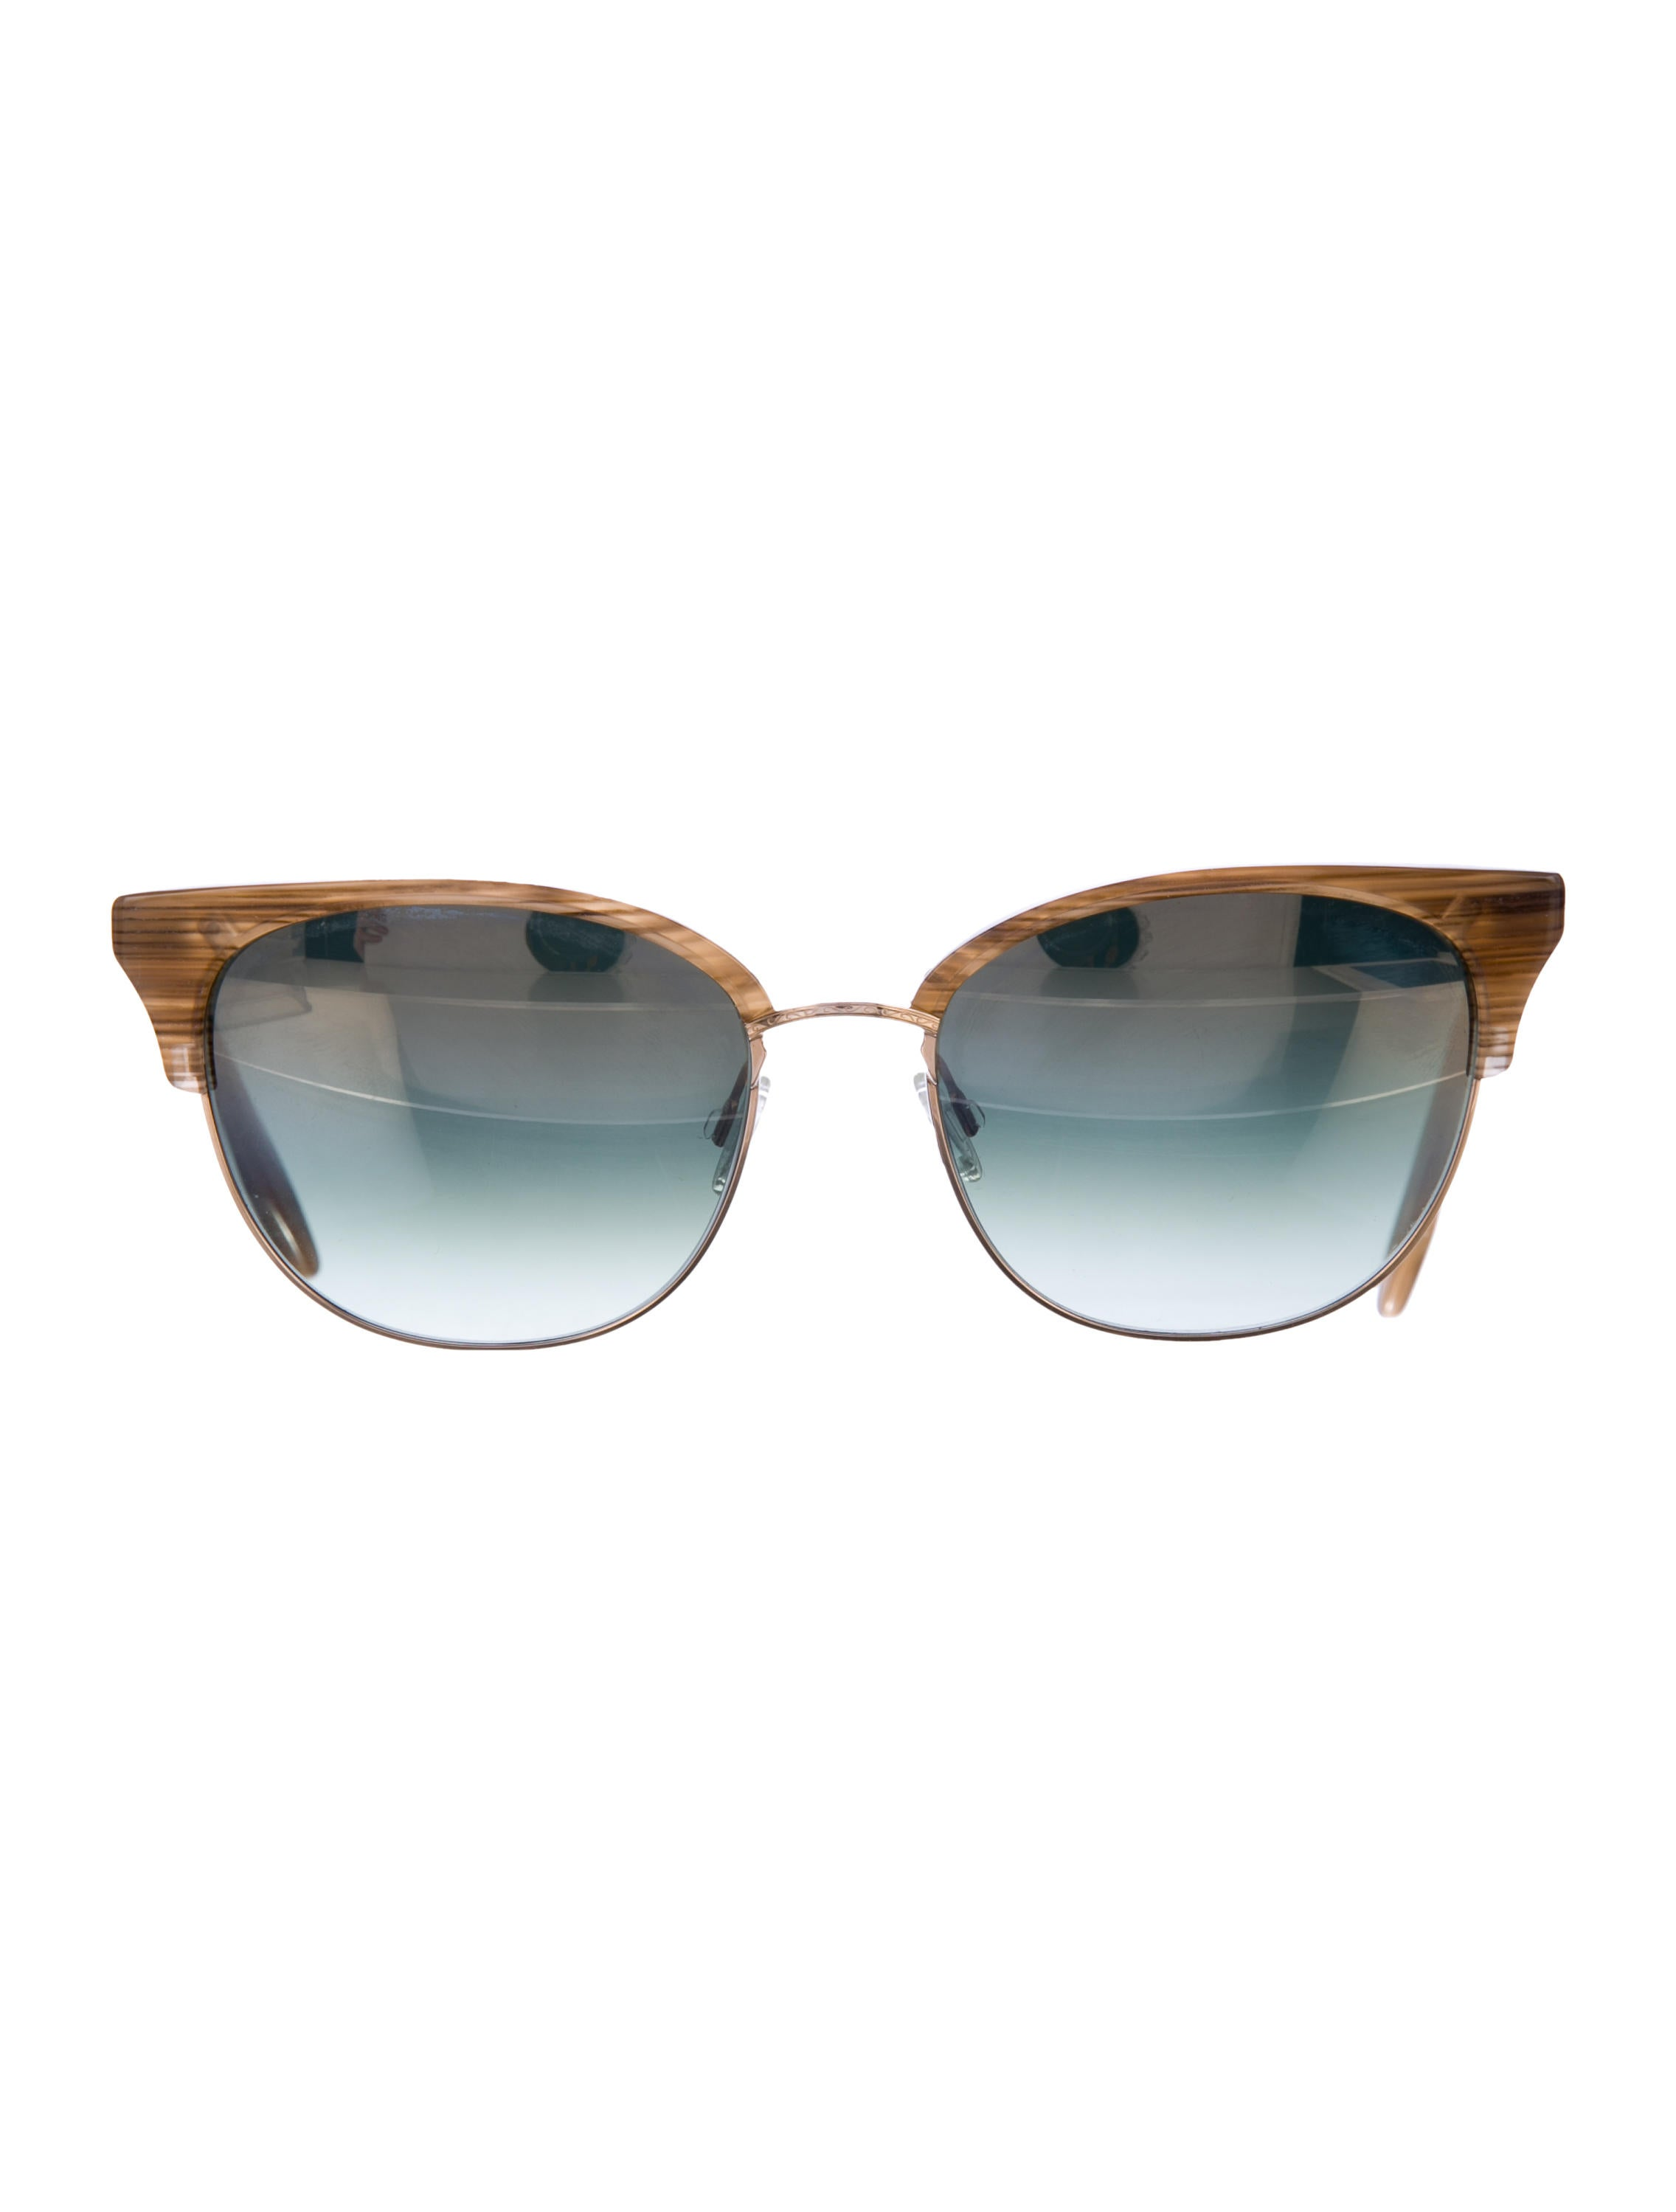 Barton Perreira Camden Club Master Sunglasses - Accessories ...